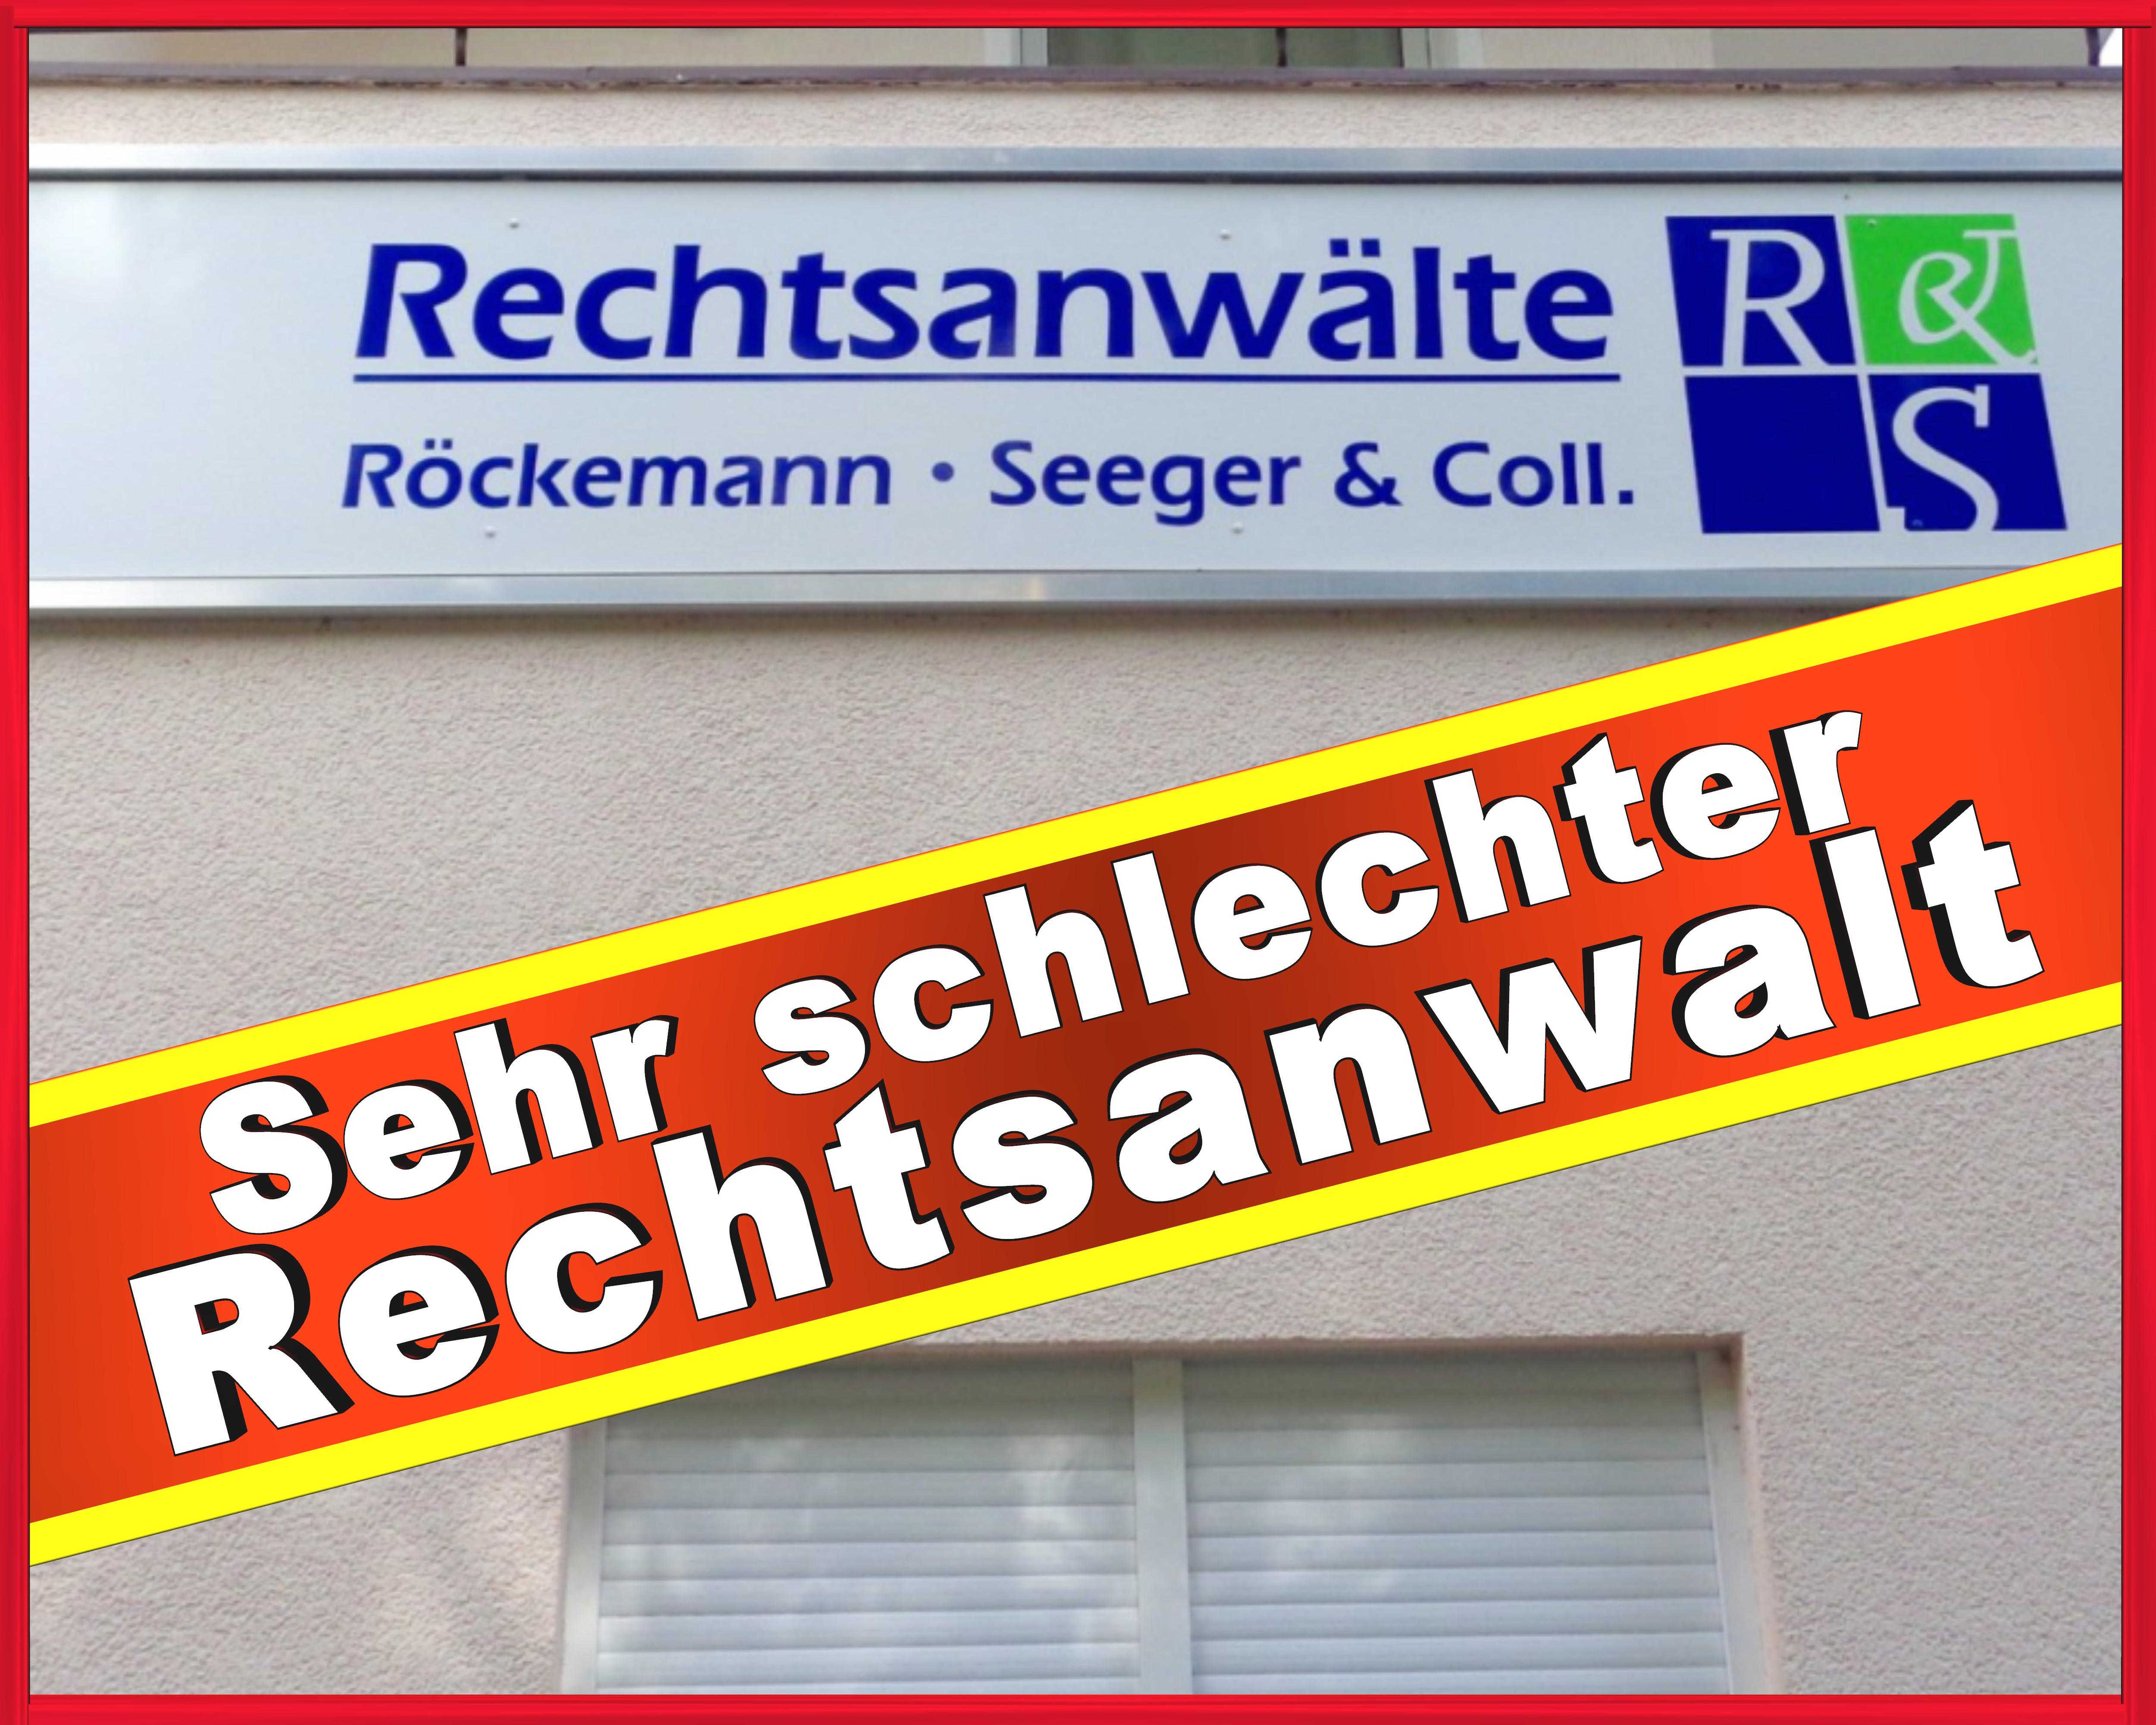 Rechtsanwalt Thomas Röckemann Sandtrift Minden Kanzlei - Rechtsanwälte Röckemann, Seeger & Coll. in Minden